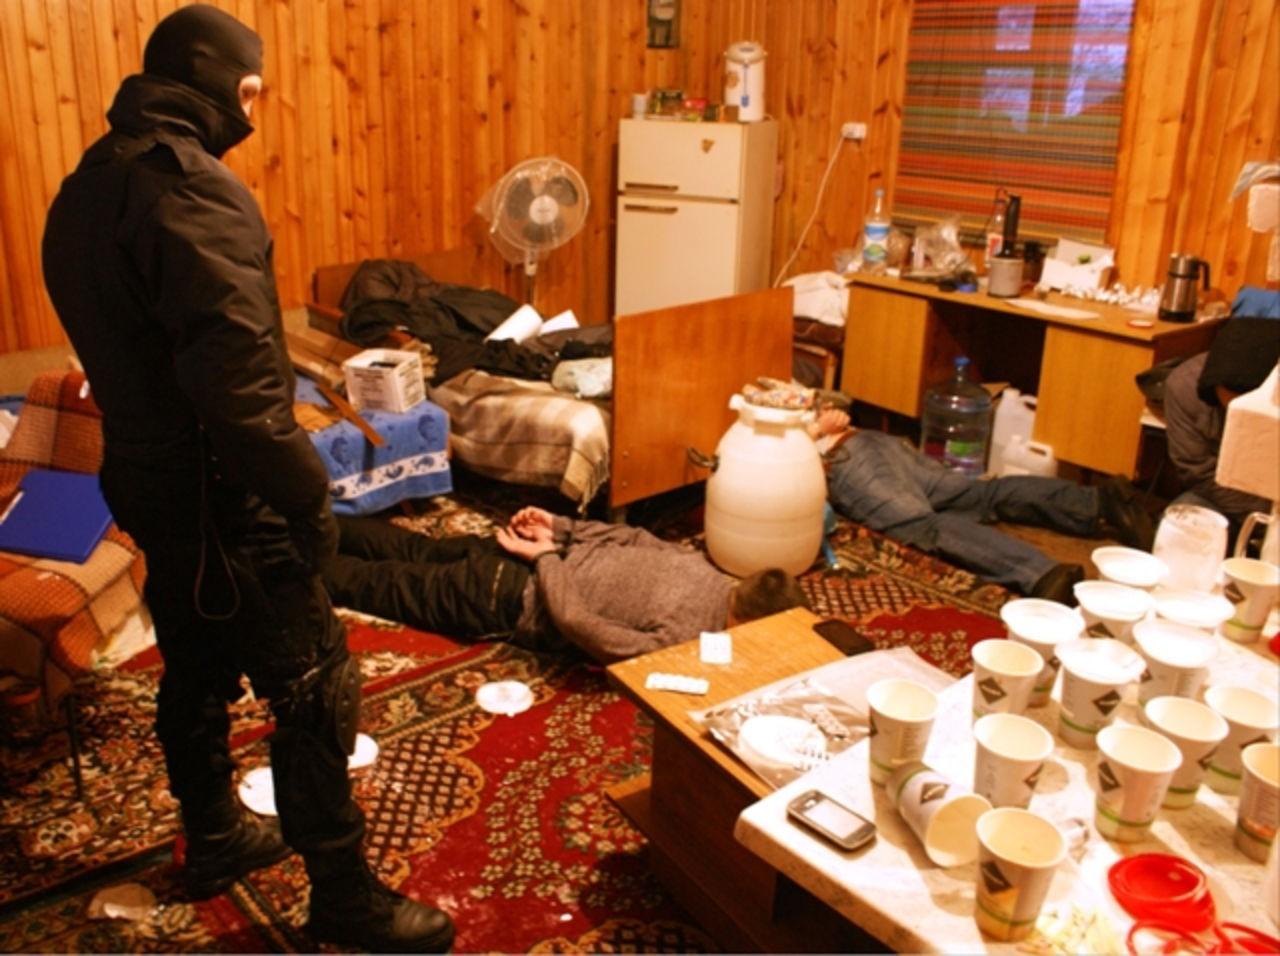 В «новой Москве» работники ФСБ отыскали подпольную лабораторию и100кг наркотиков